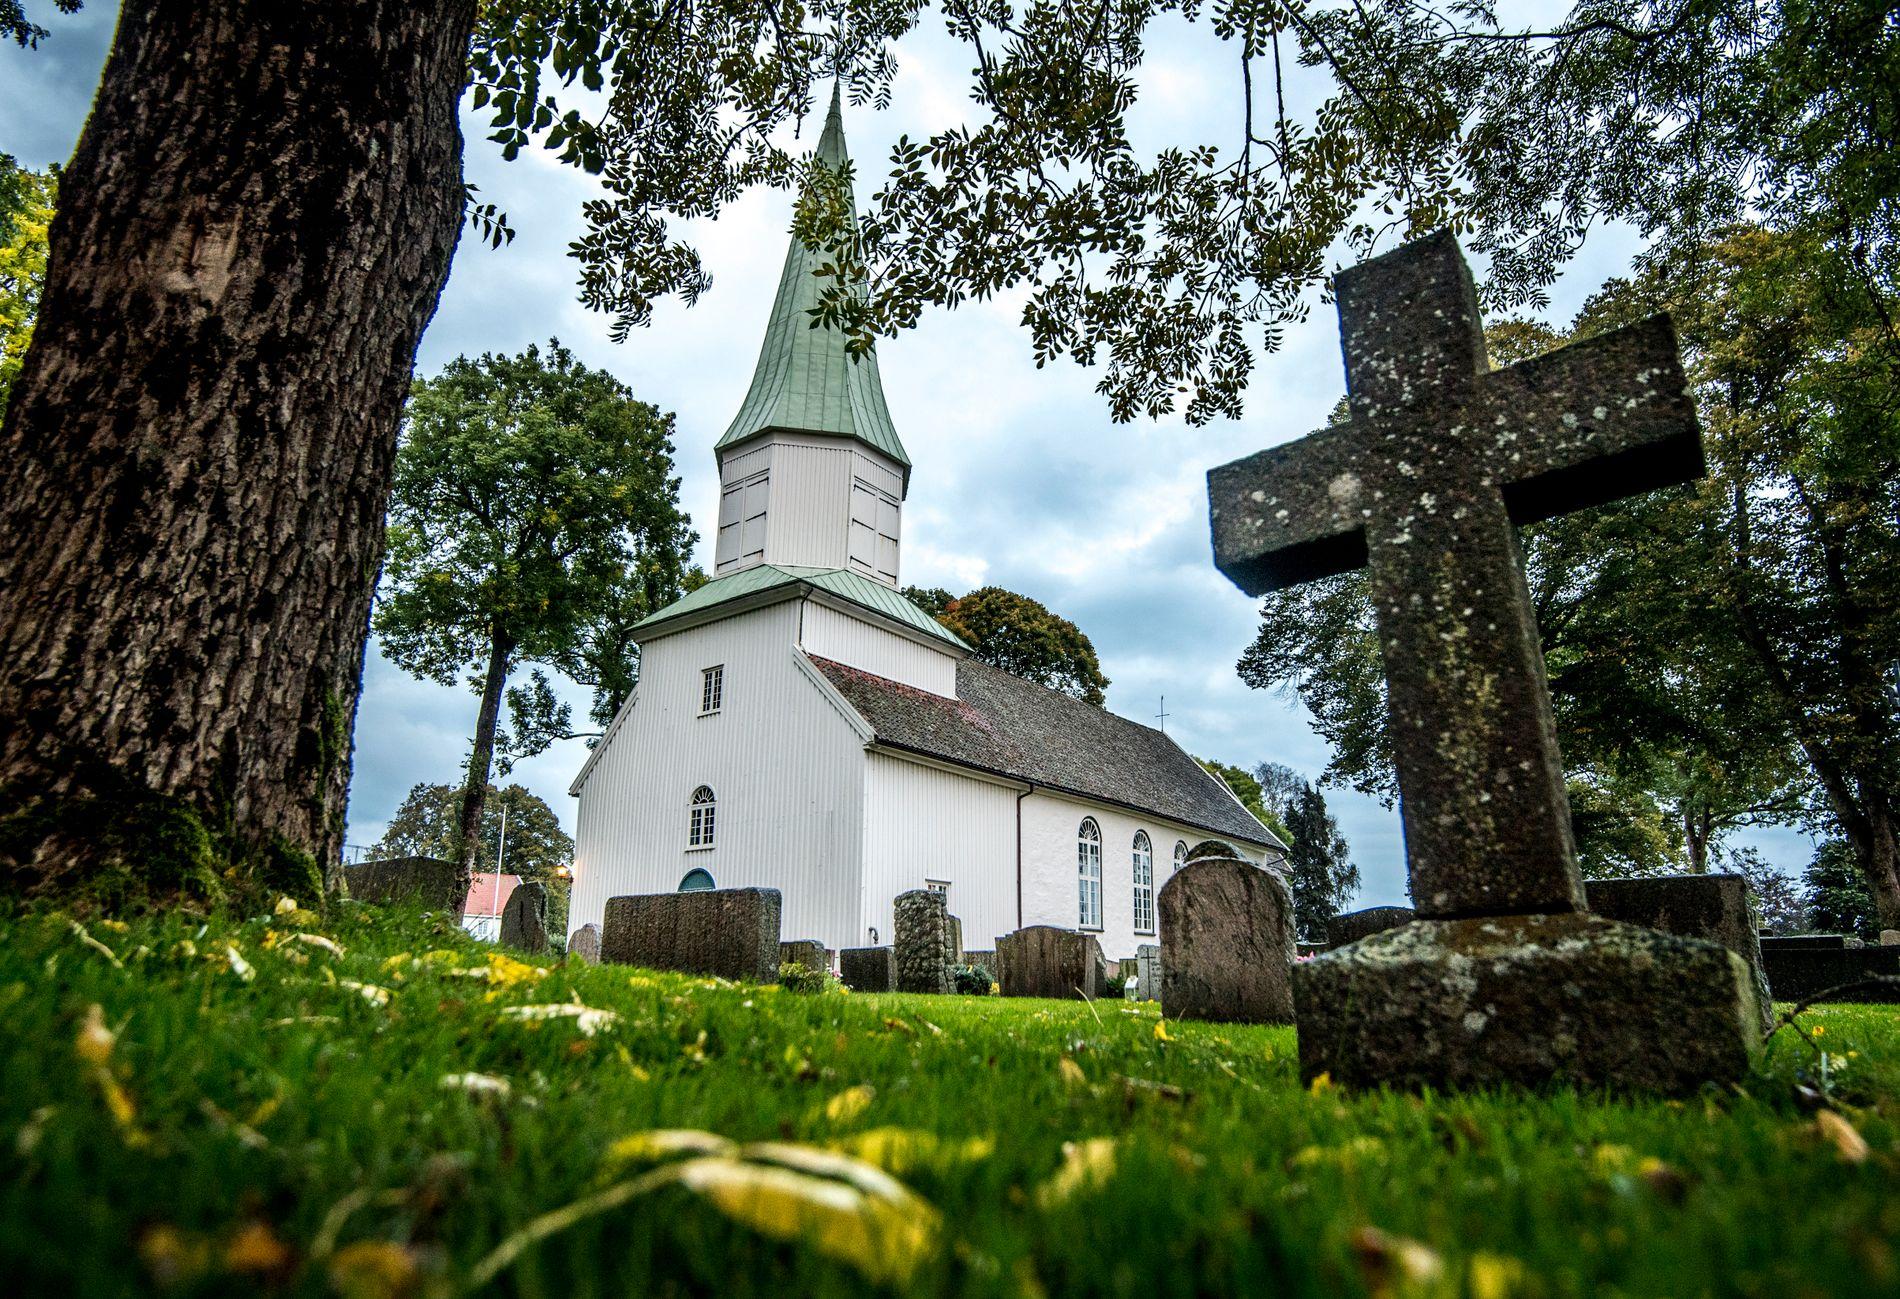 BISETTELSE: Øystein Hagel Pedersen ble bisatt i Oddernes kirke i 2014. Foto: HELGE MIKALSEN, VG